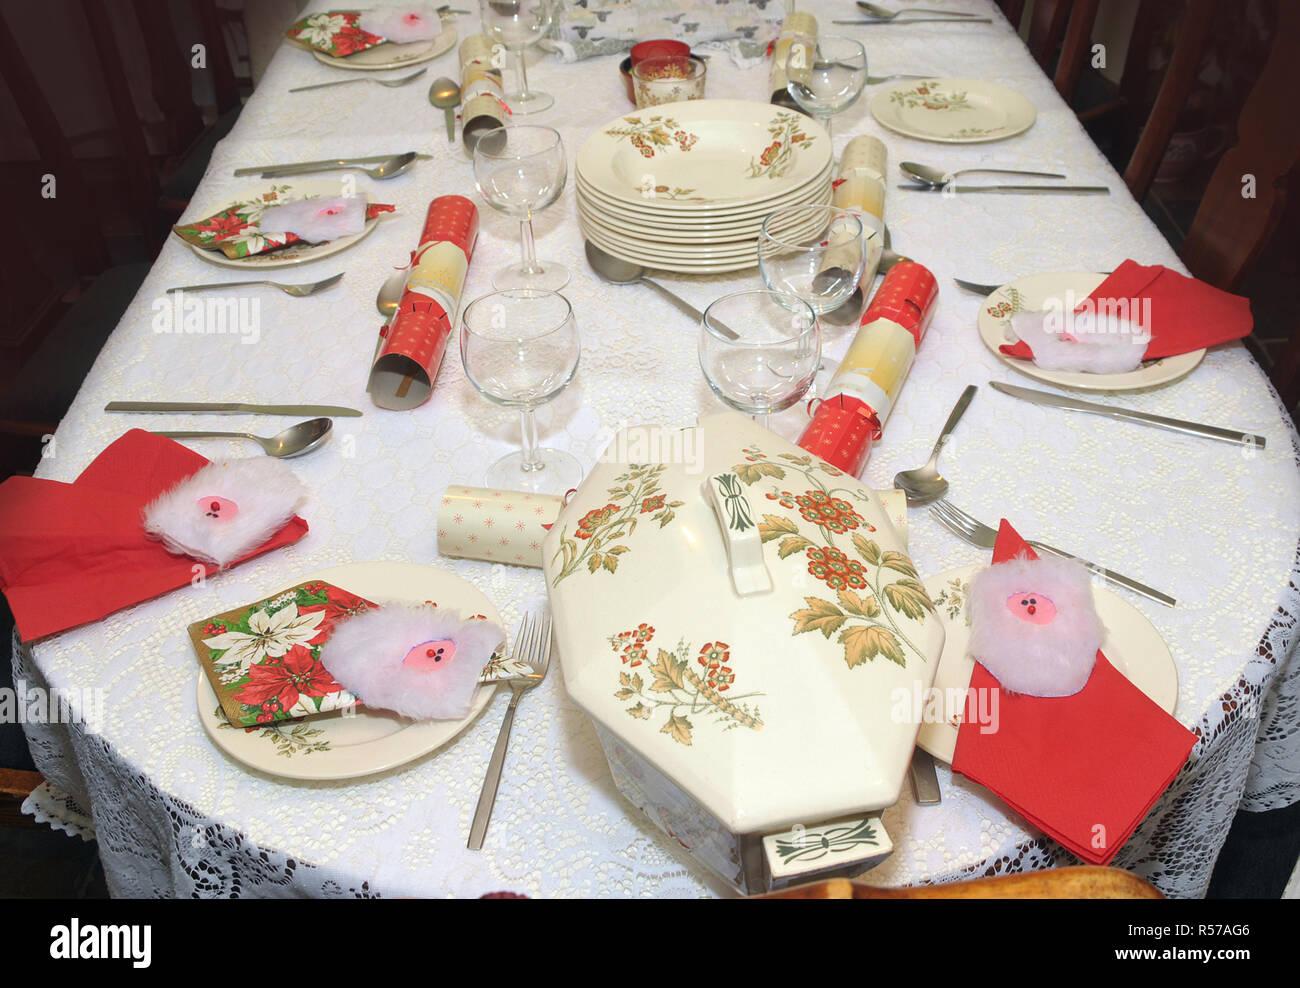 Decoración de Navidad tradicional cena la mesa antes de la comida. Foto de stock